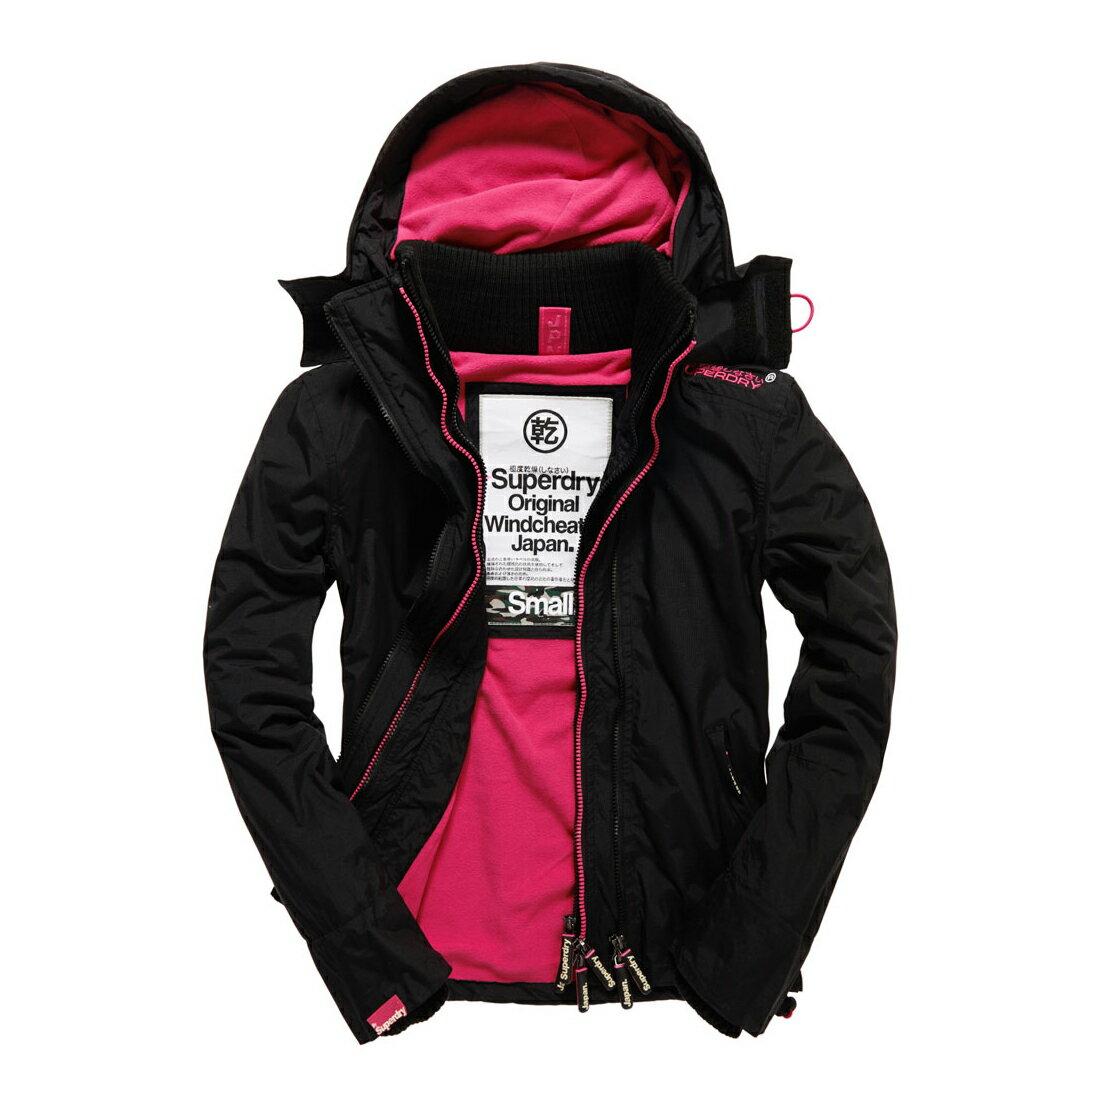 美國百分百【全新真品】Superdry 極度乾燥 風衣 連帽 外套 防風 夾克 刷毛 黑色 粉紅 女 S號 F855